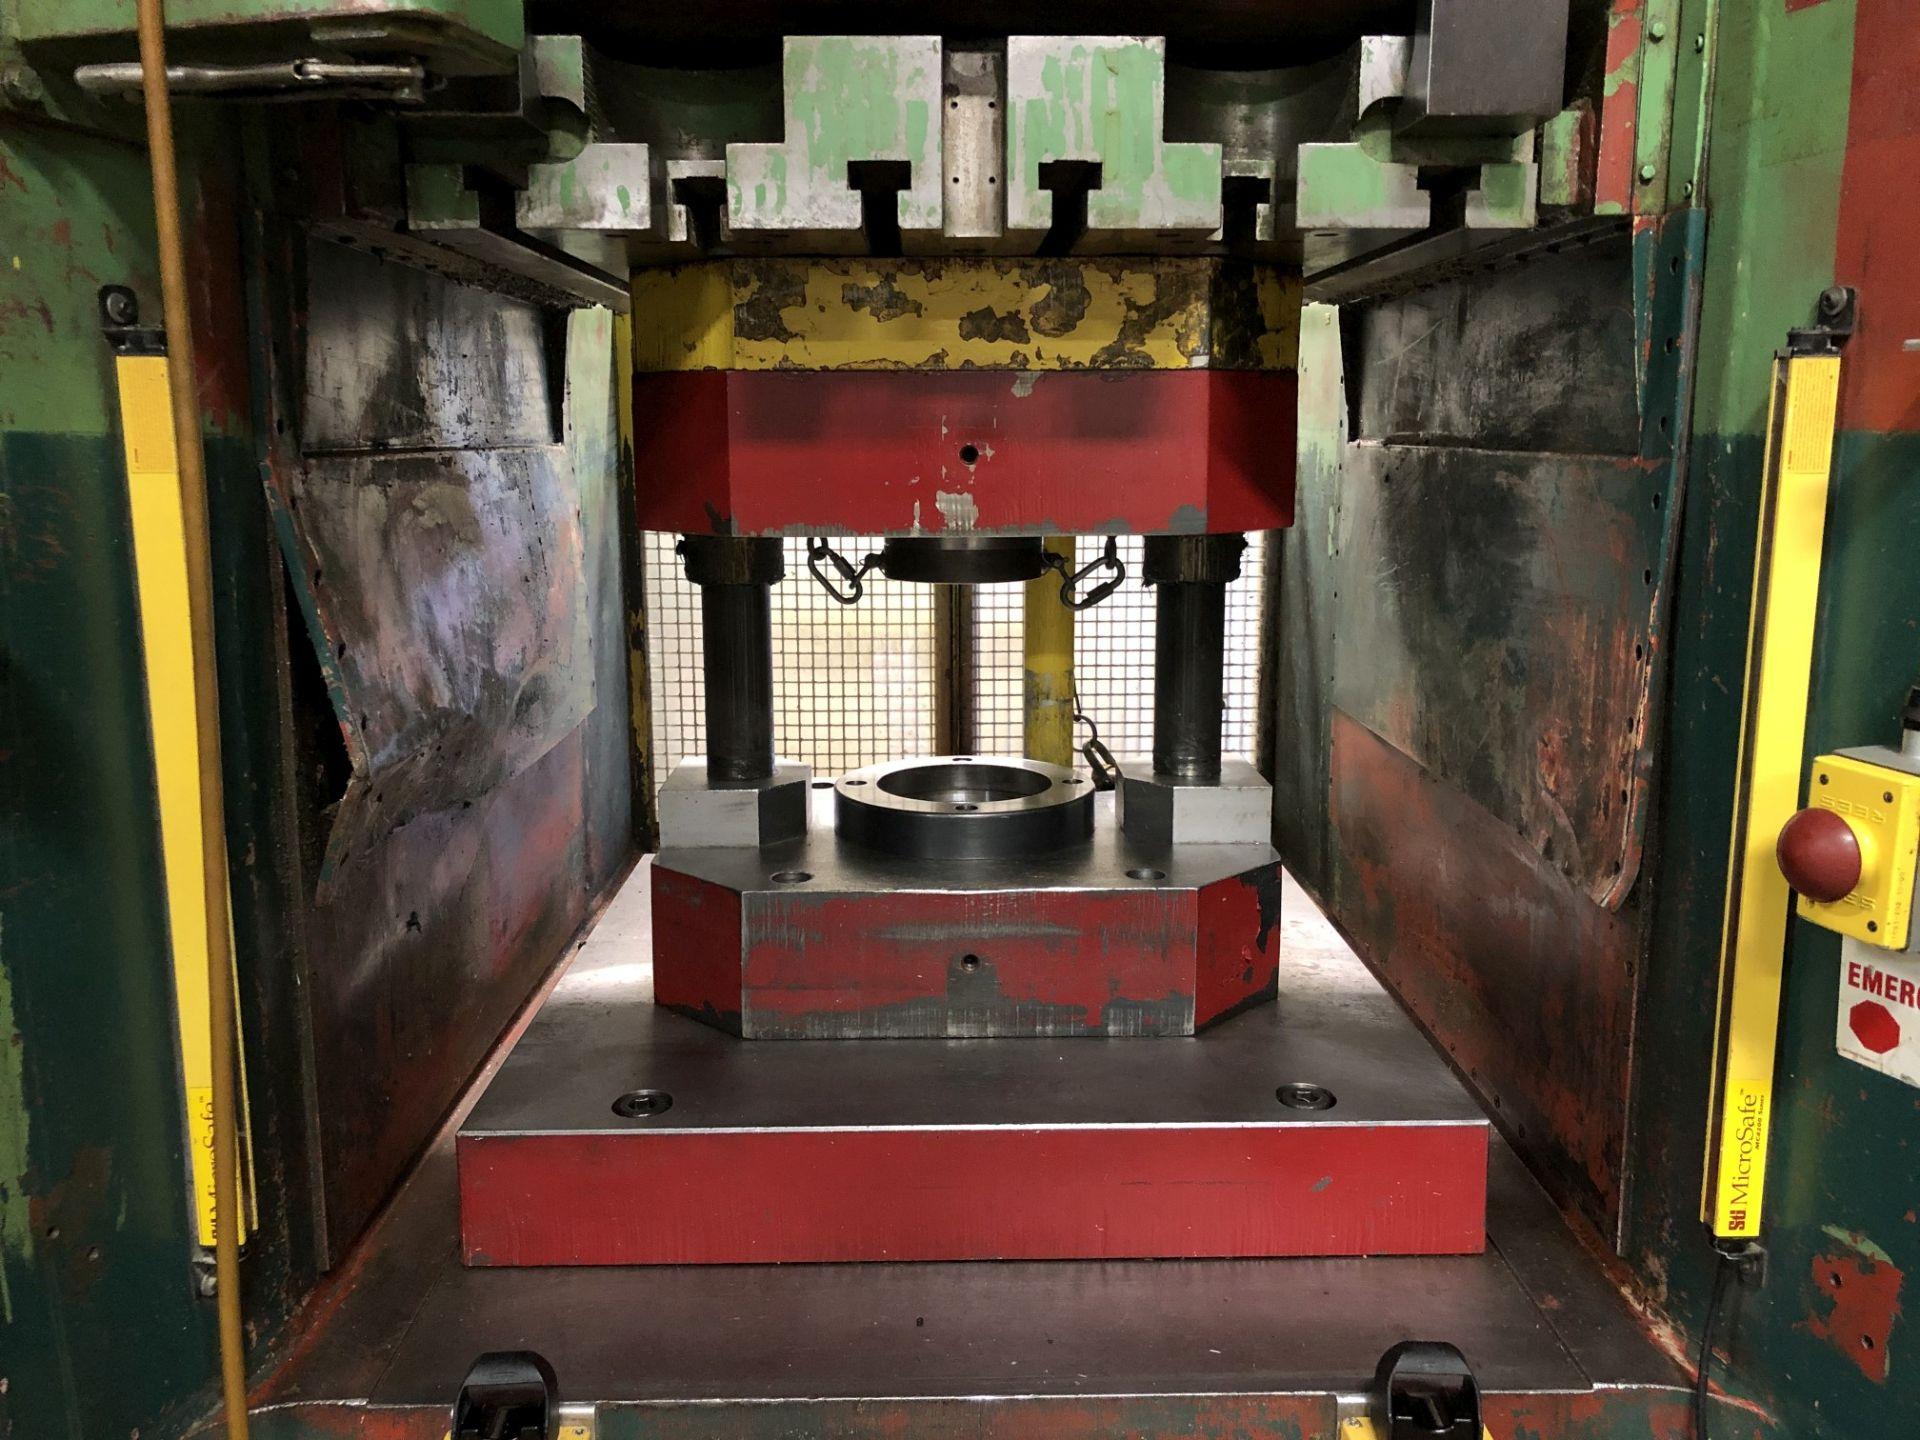 1000 Ton Komatsu Maypress Knuckle Joint Press - Image 3 of 22